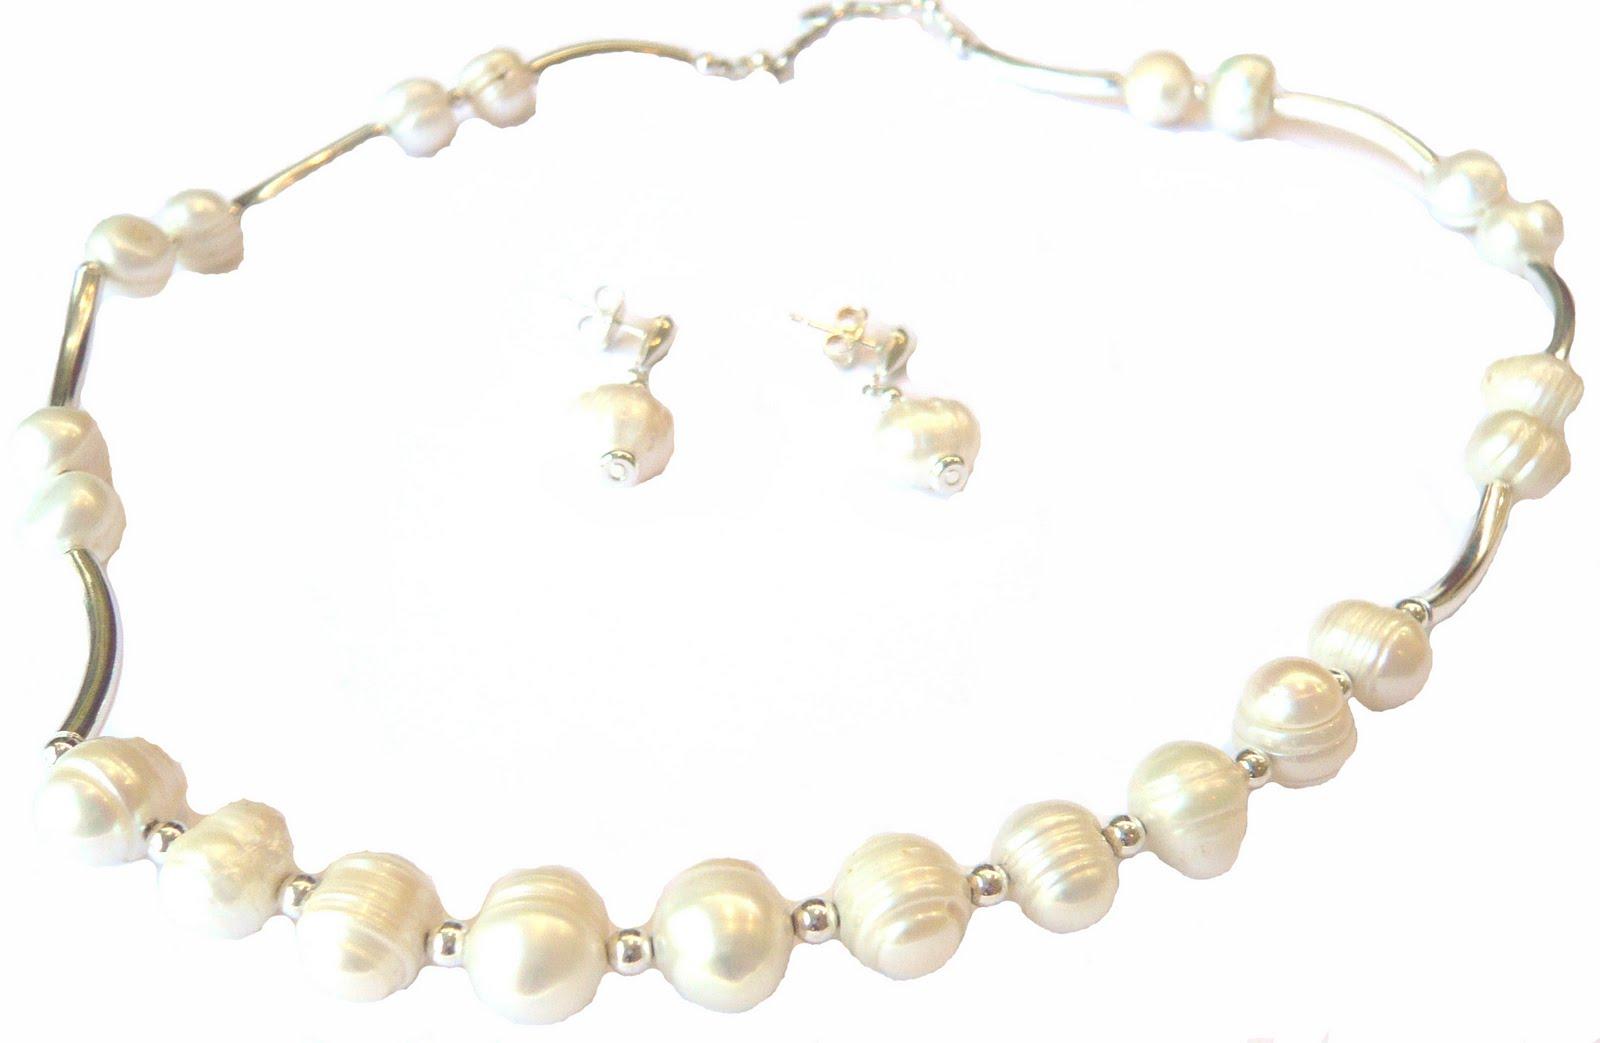 8004c2ef2378 Conjunto collar aros de perlas de río con aplicaciones y tubos de plata.  Los aros tienen pequeñas aplicaciones de cristal Swarovski. Pieza única.